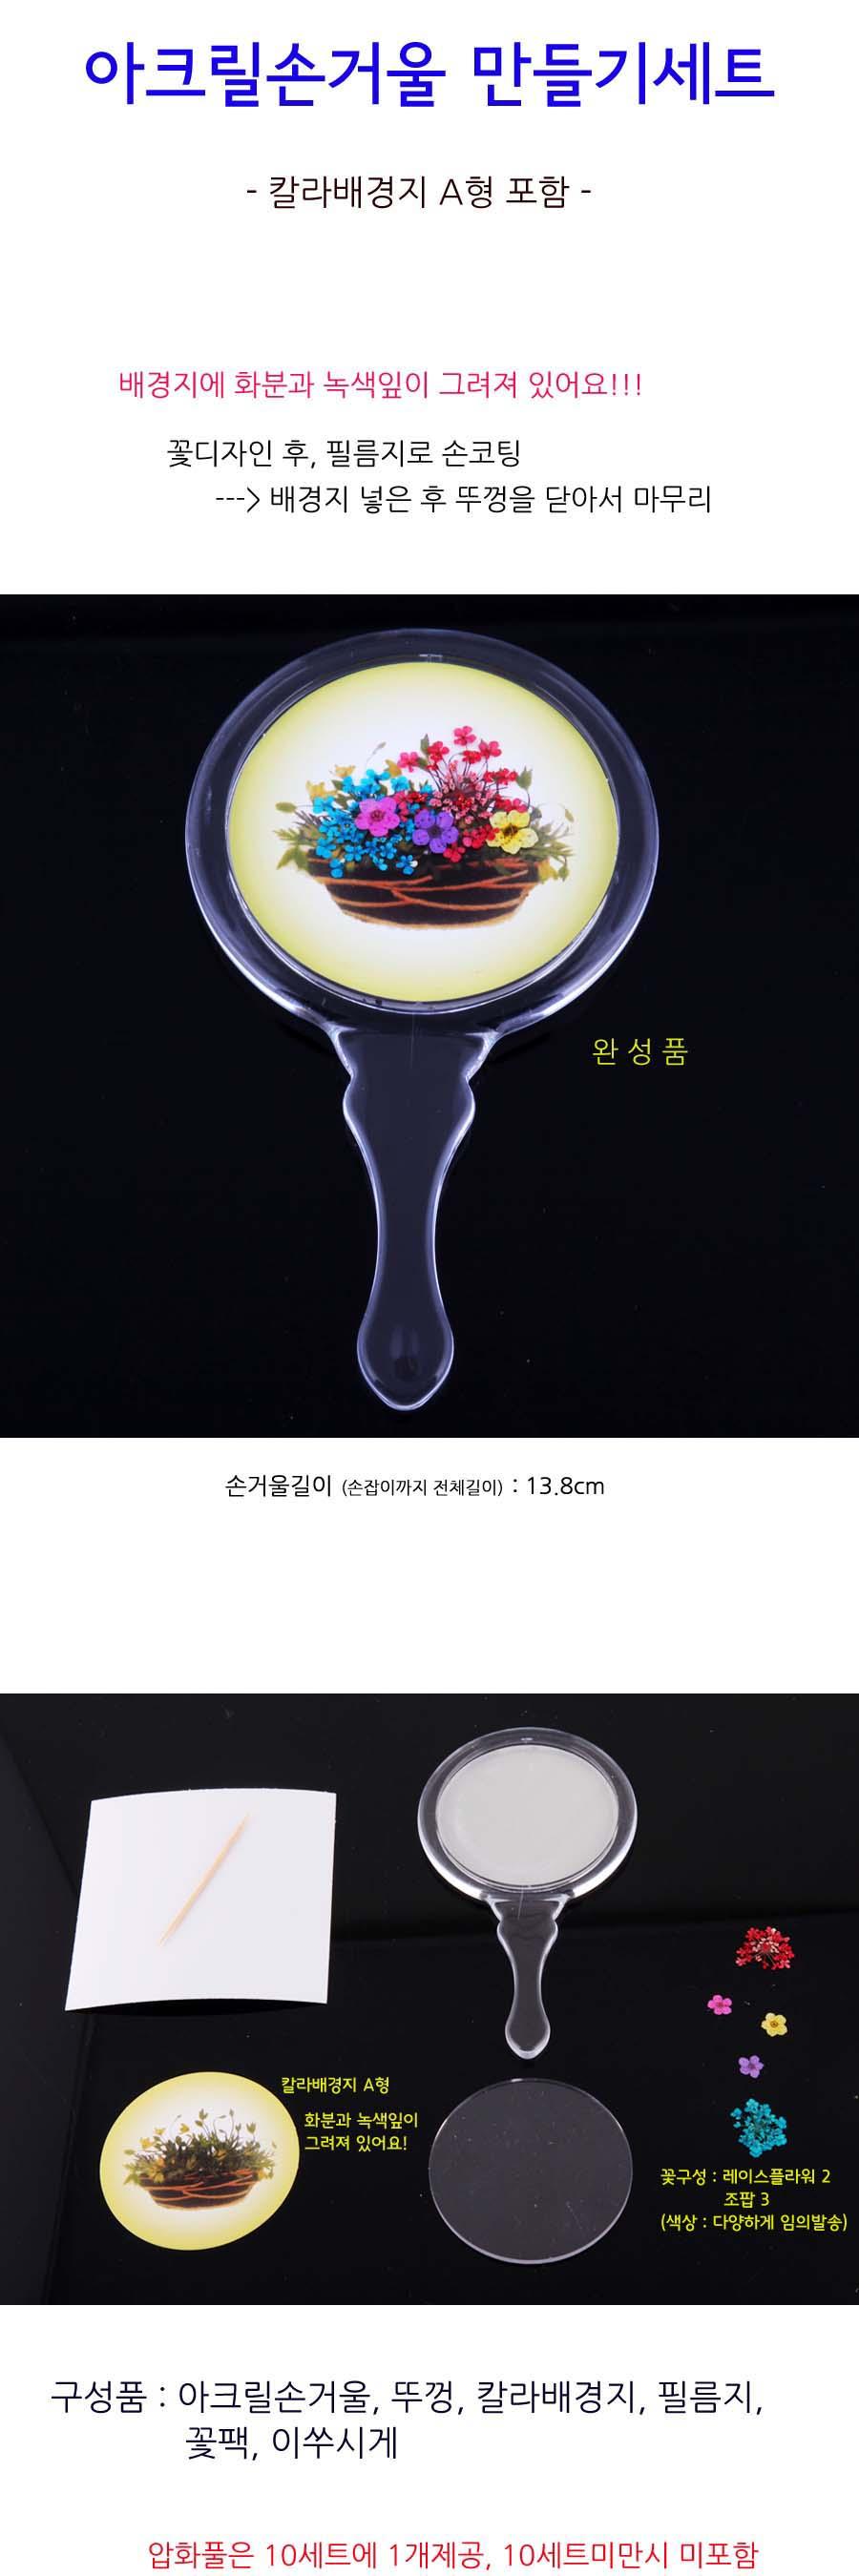 압화 손거울만들기세트(칼라배경지 A) - 프레스코21, 4,200원, 압화 공예, 열쇠고리/소품 패키지